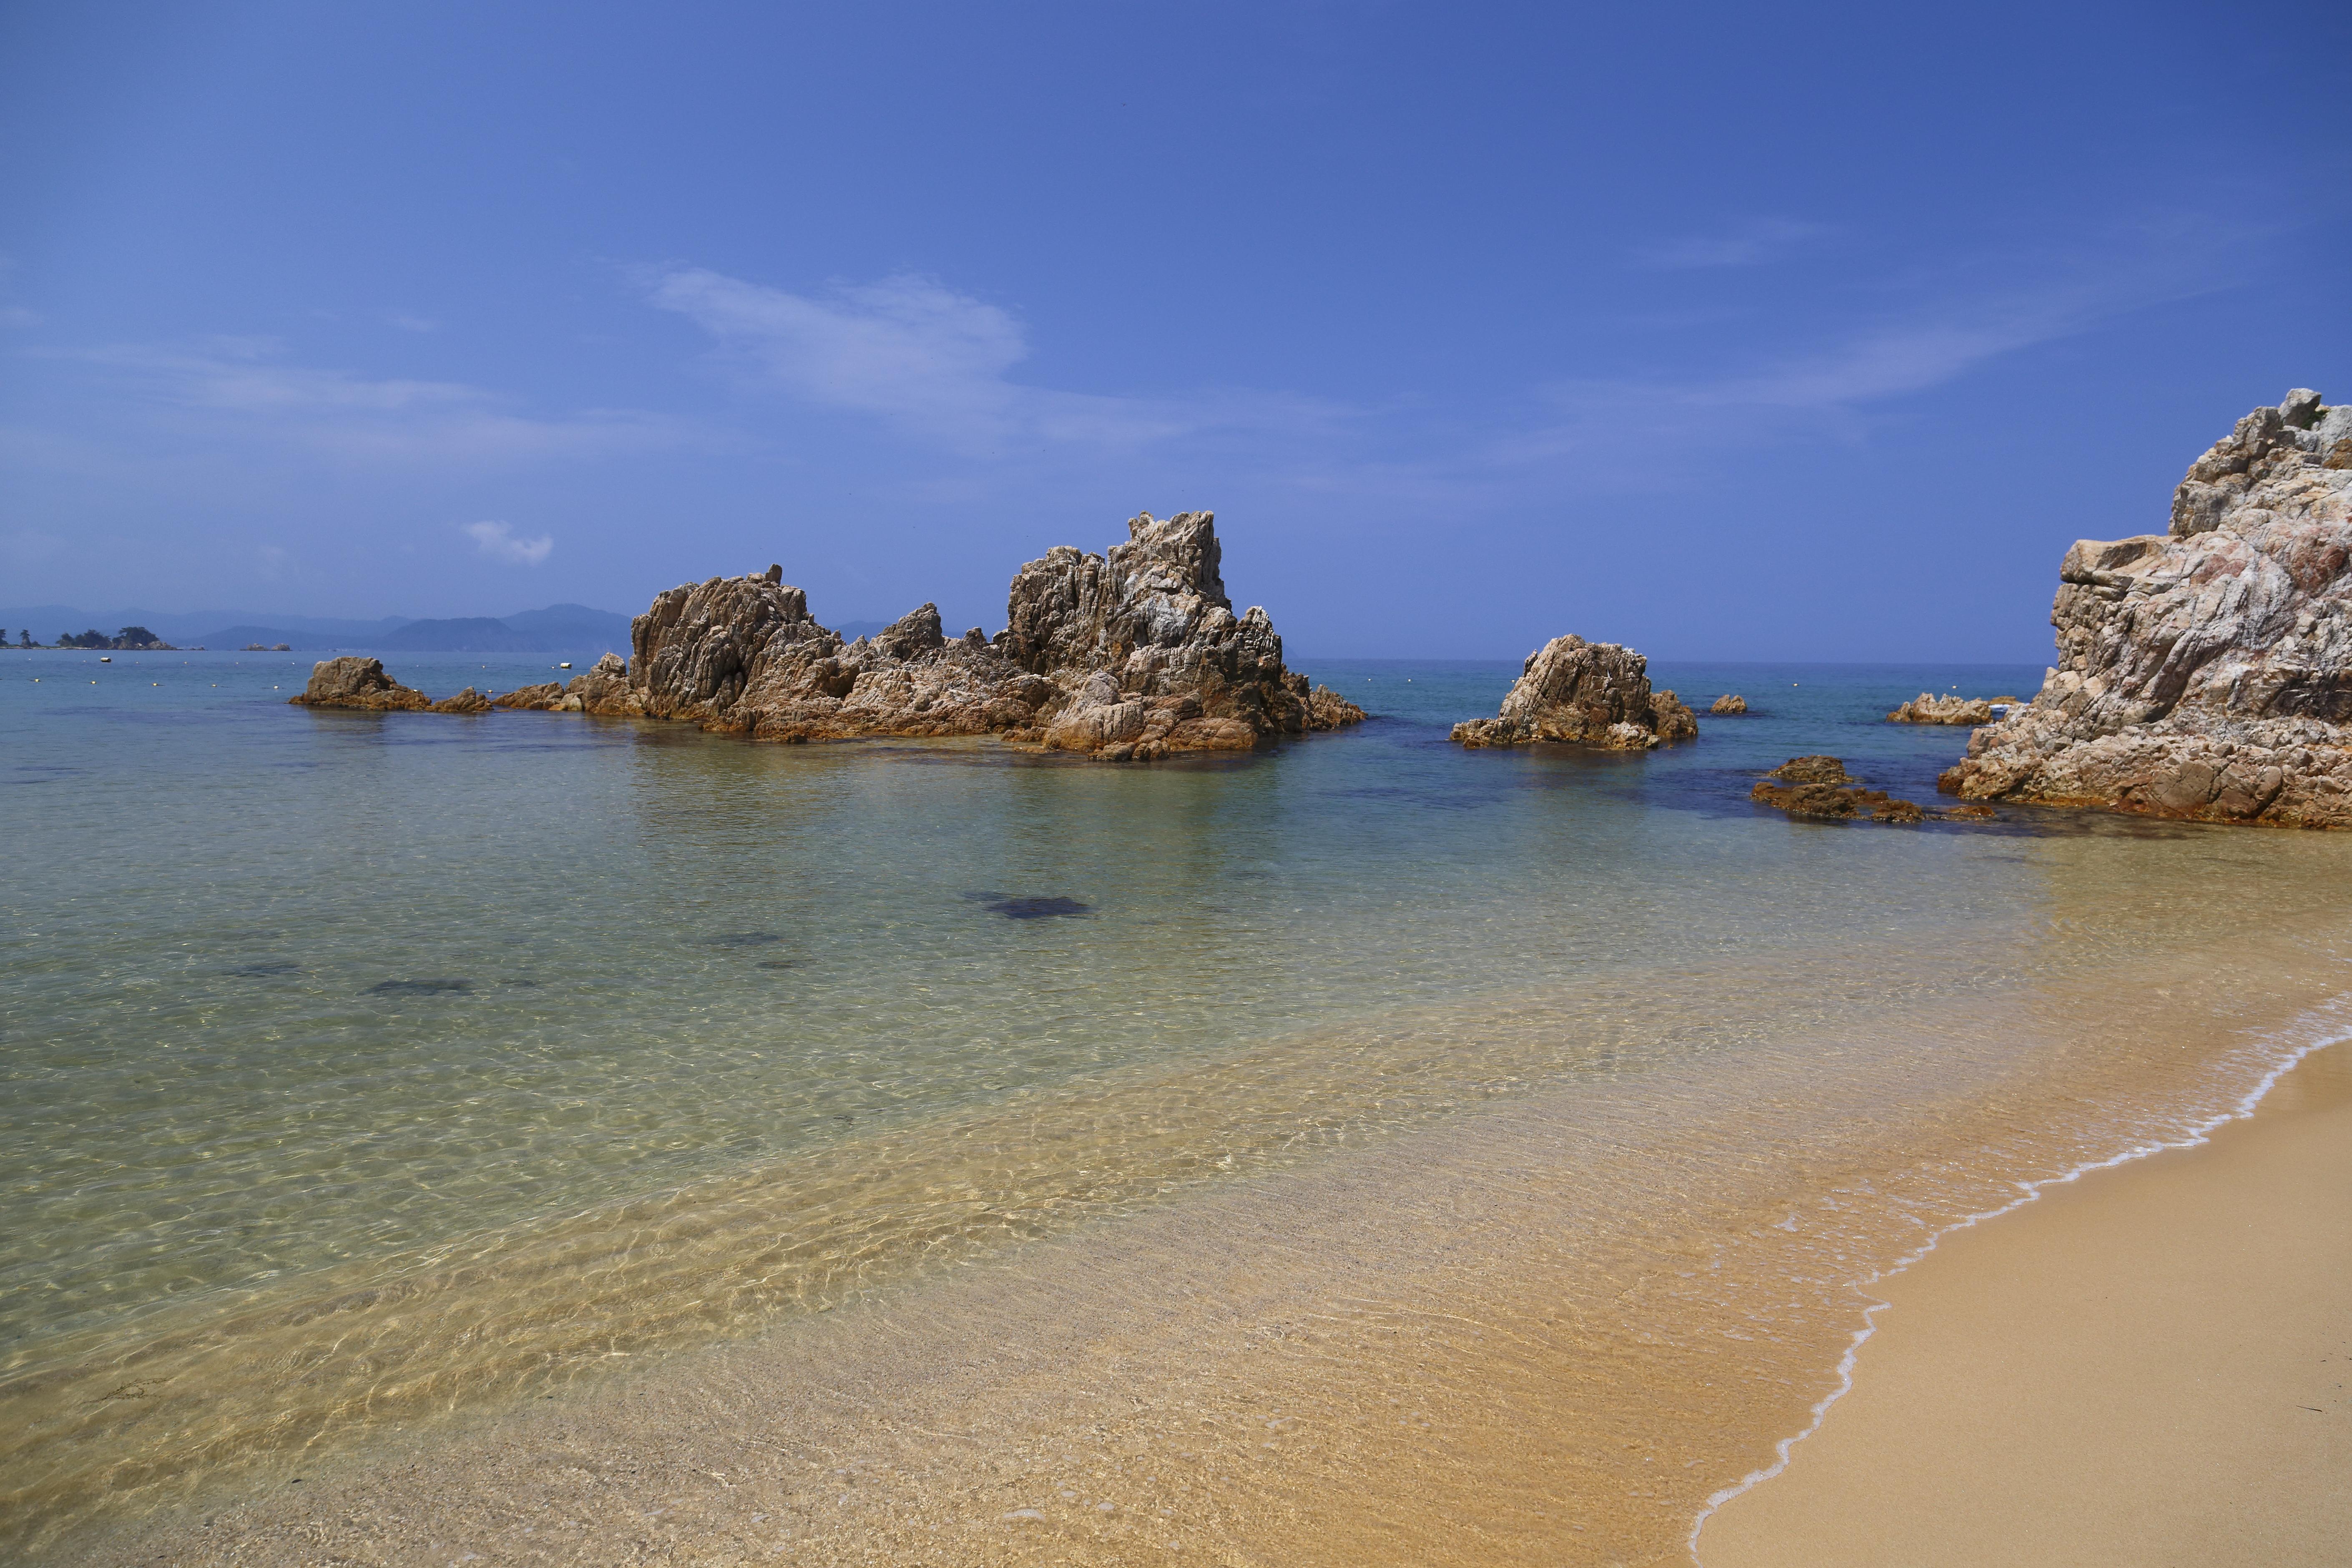 美浜町は懐かしくてホッとする町!観光協会おすすめの観光名所やグルメを紹介!